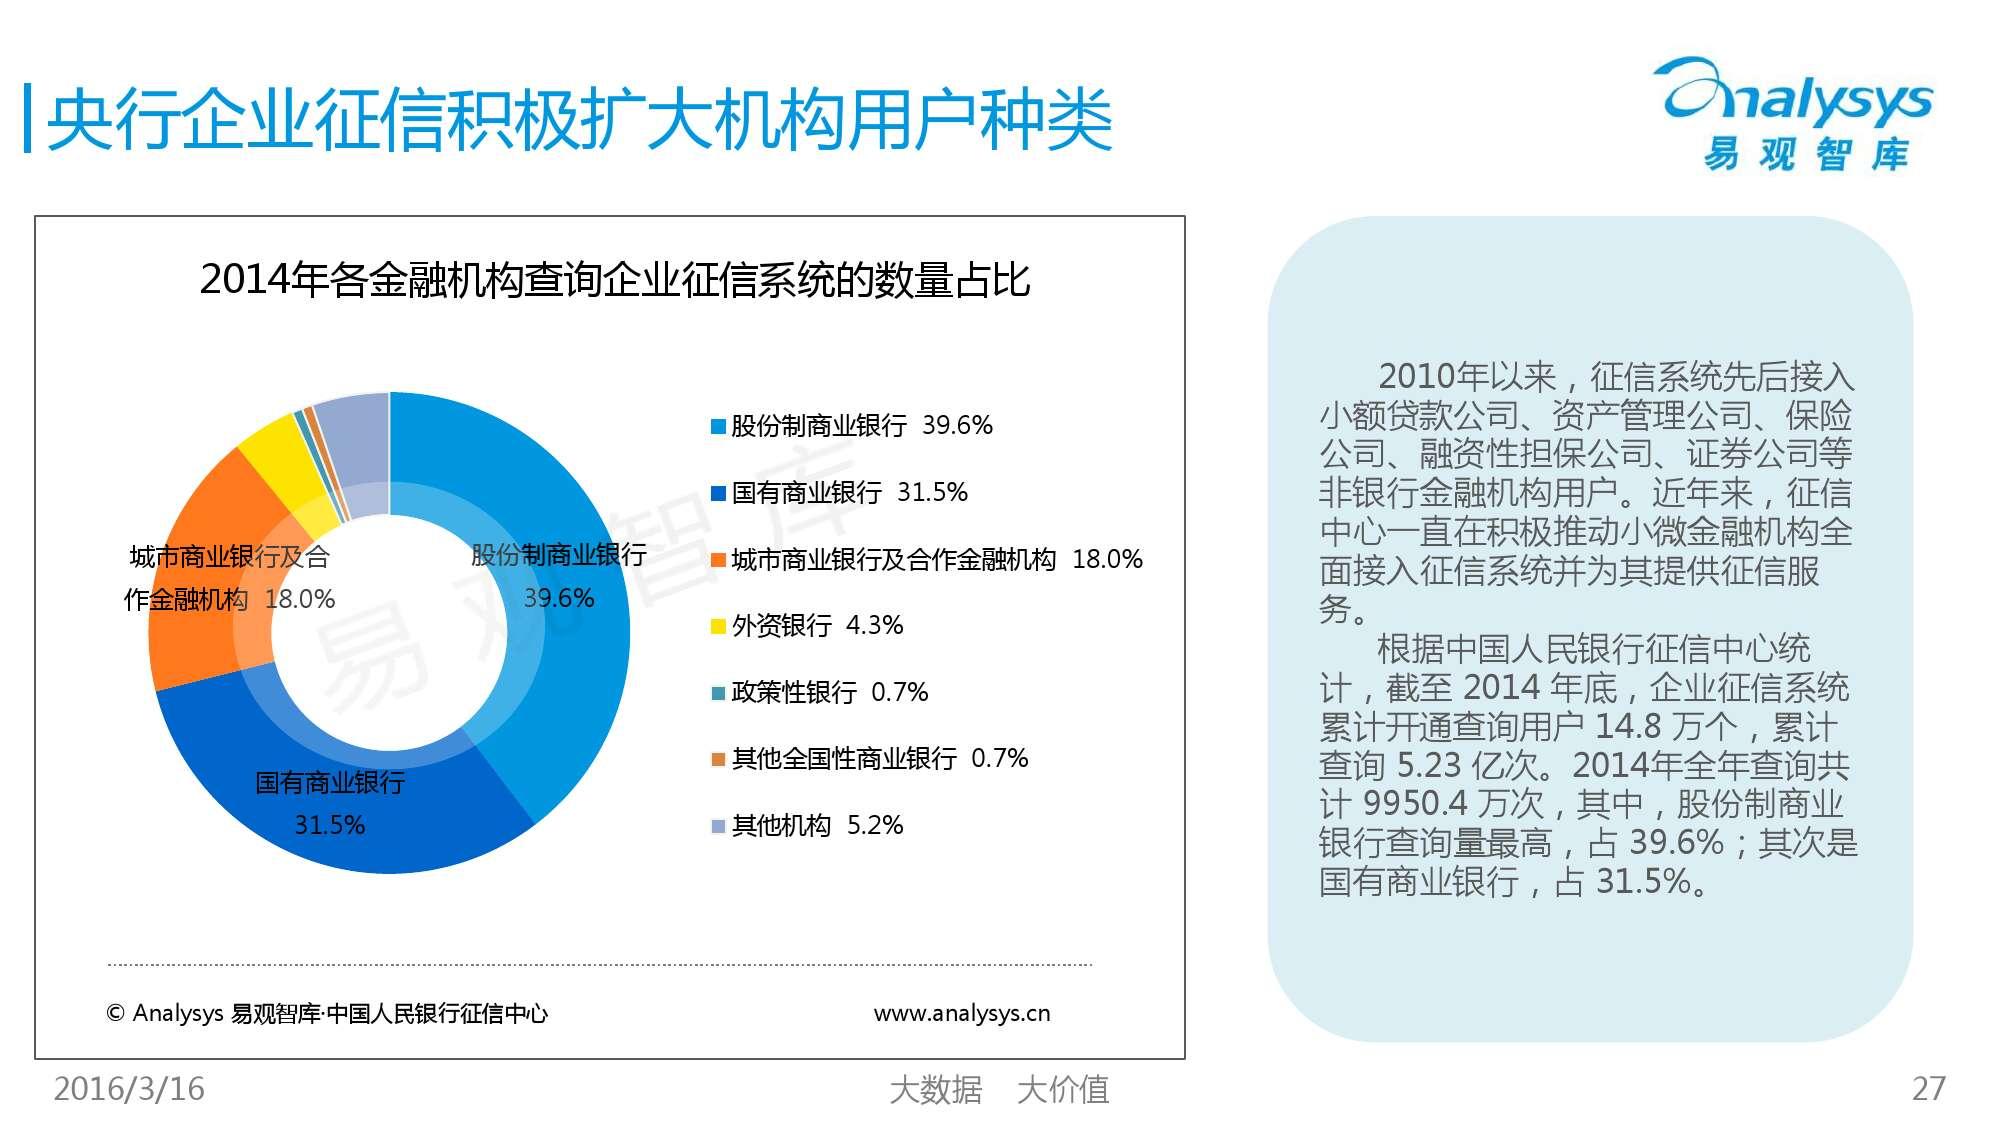 中国征信行业专题研究报告2016_000027